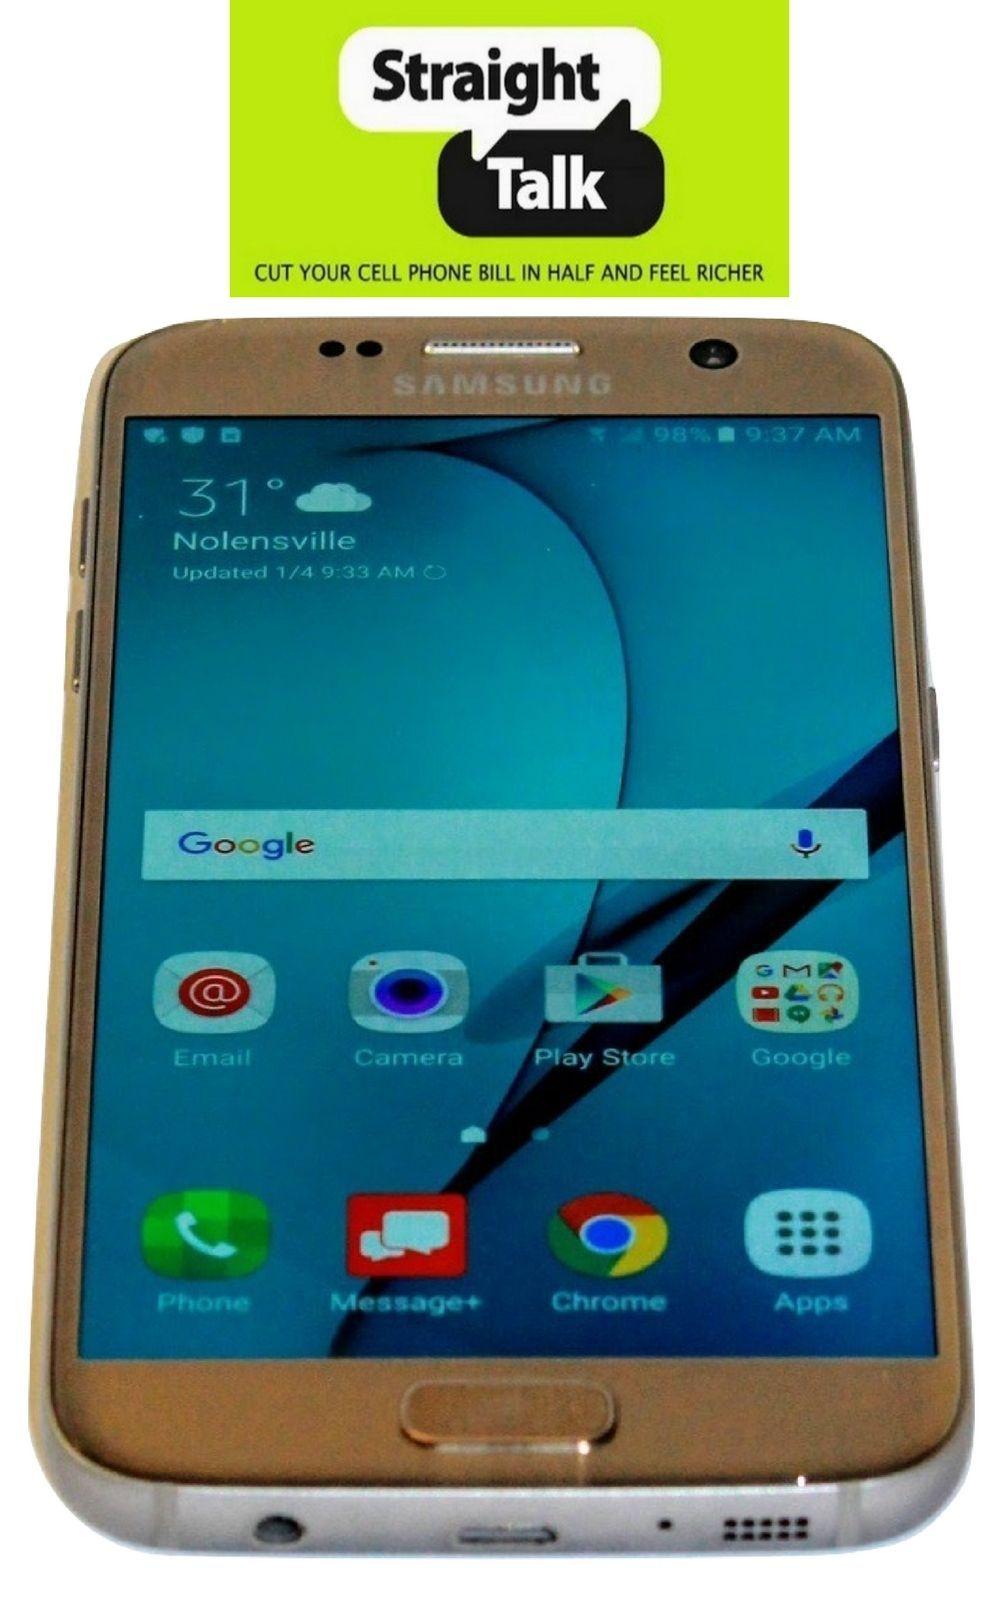 Unlocked verizon phone on straight talk - Online Sale